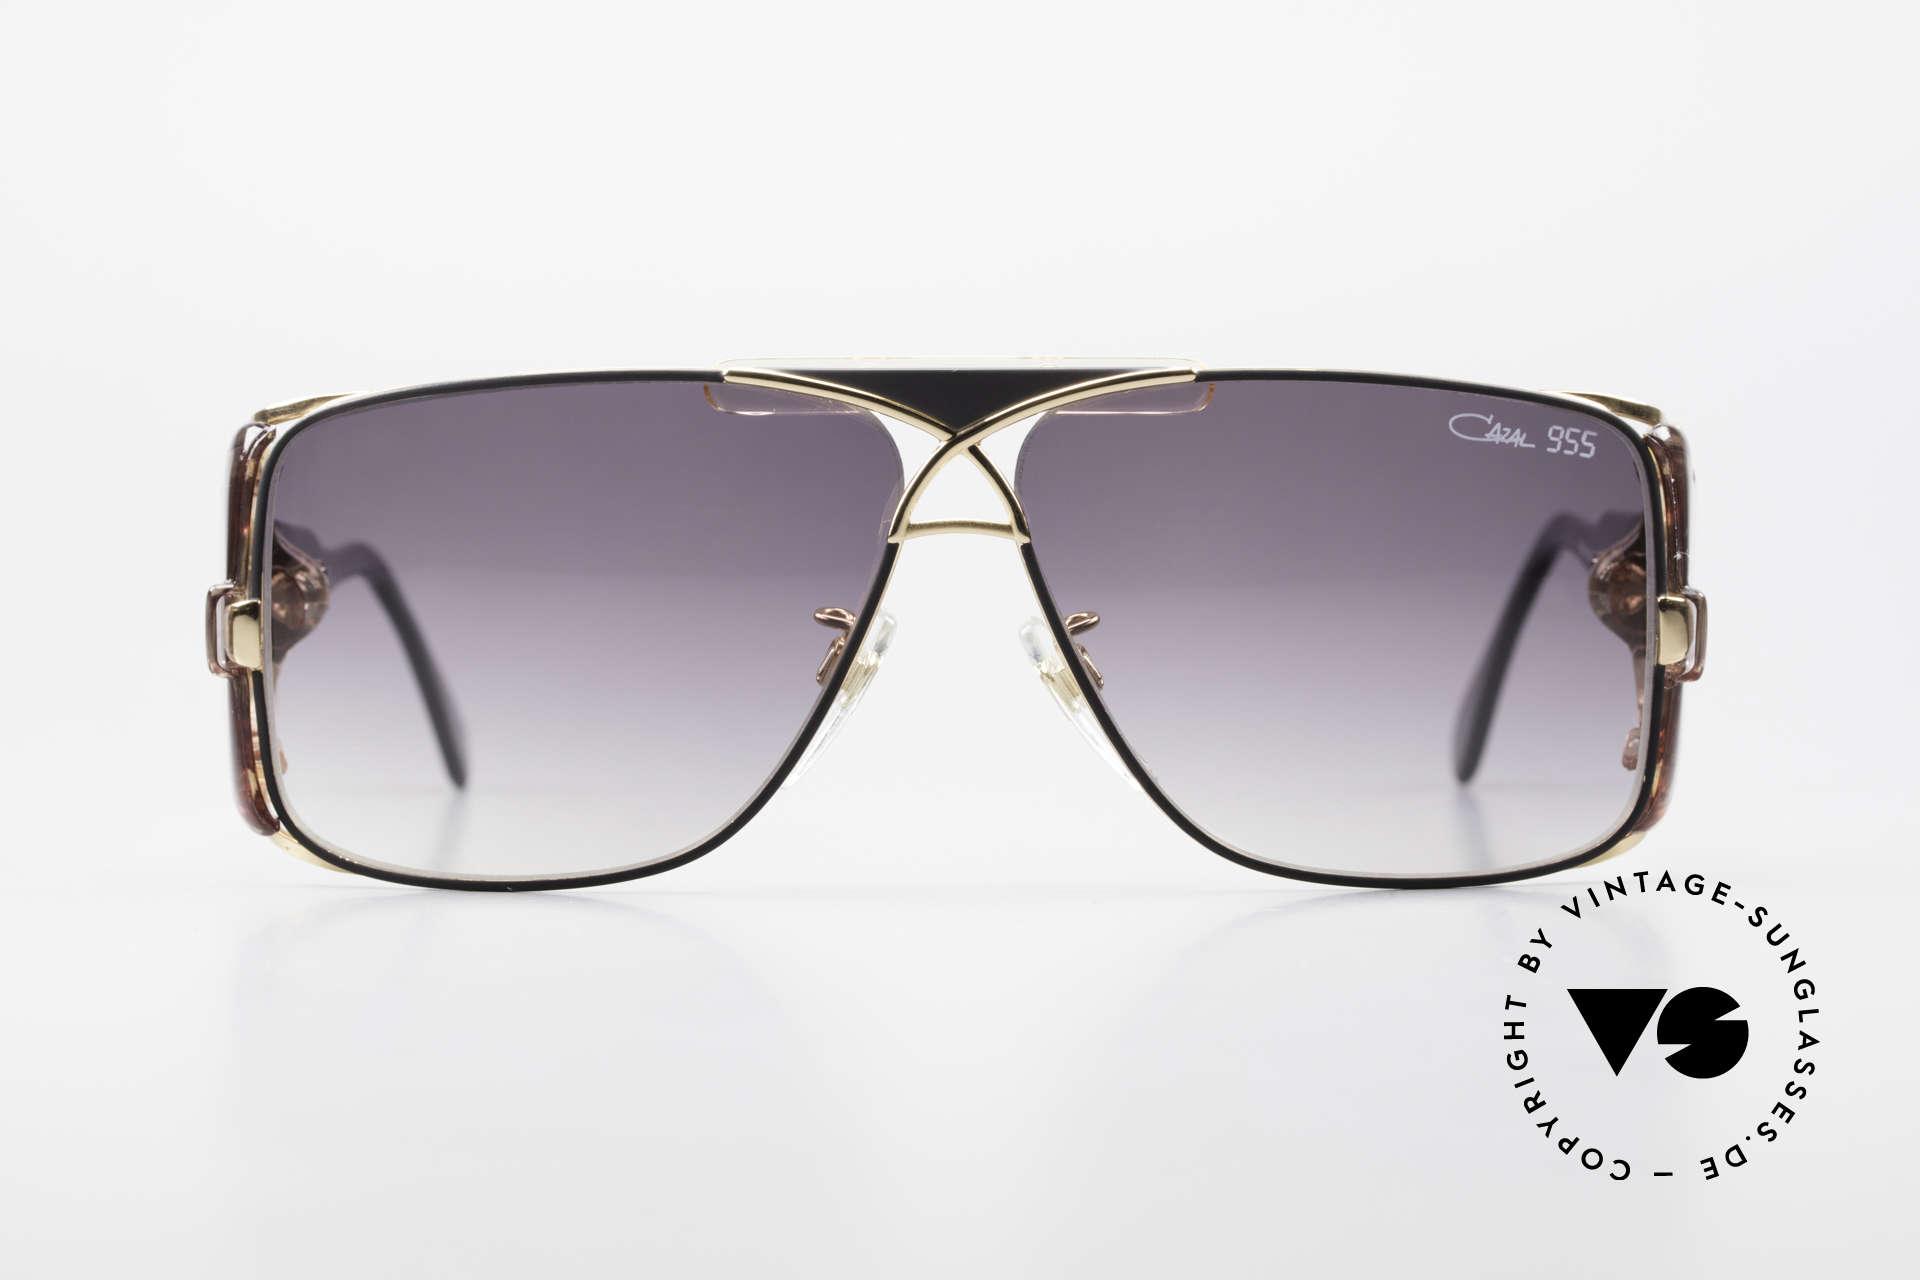 Cazal 955 80er Hip Hop Sonnenbrille, damals fester Bestandteil der amerik. HipHop-Szene, Passend für Herren